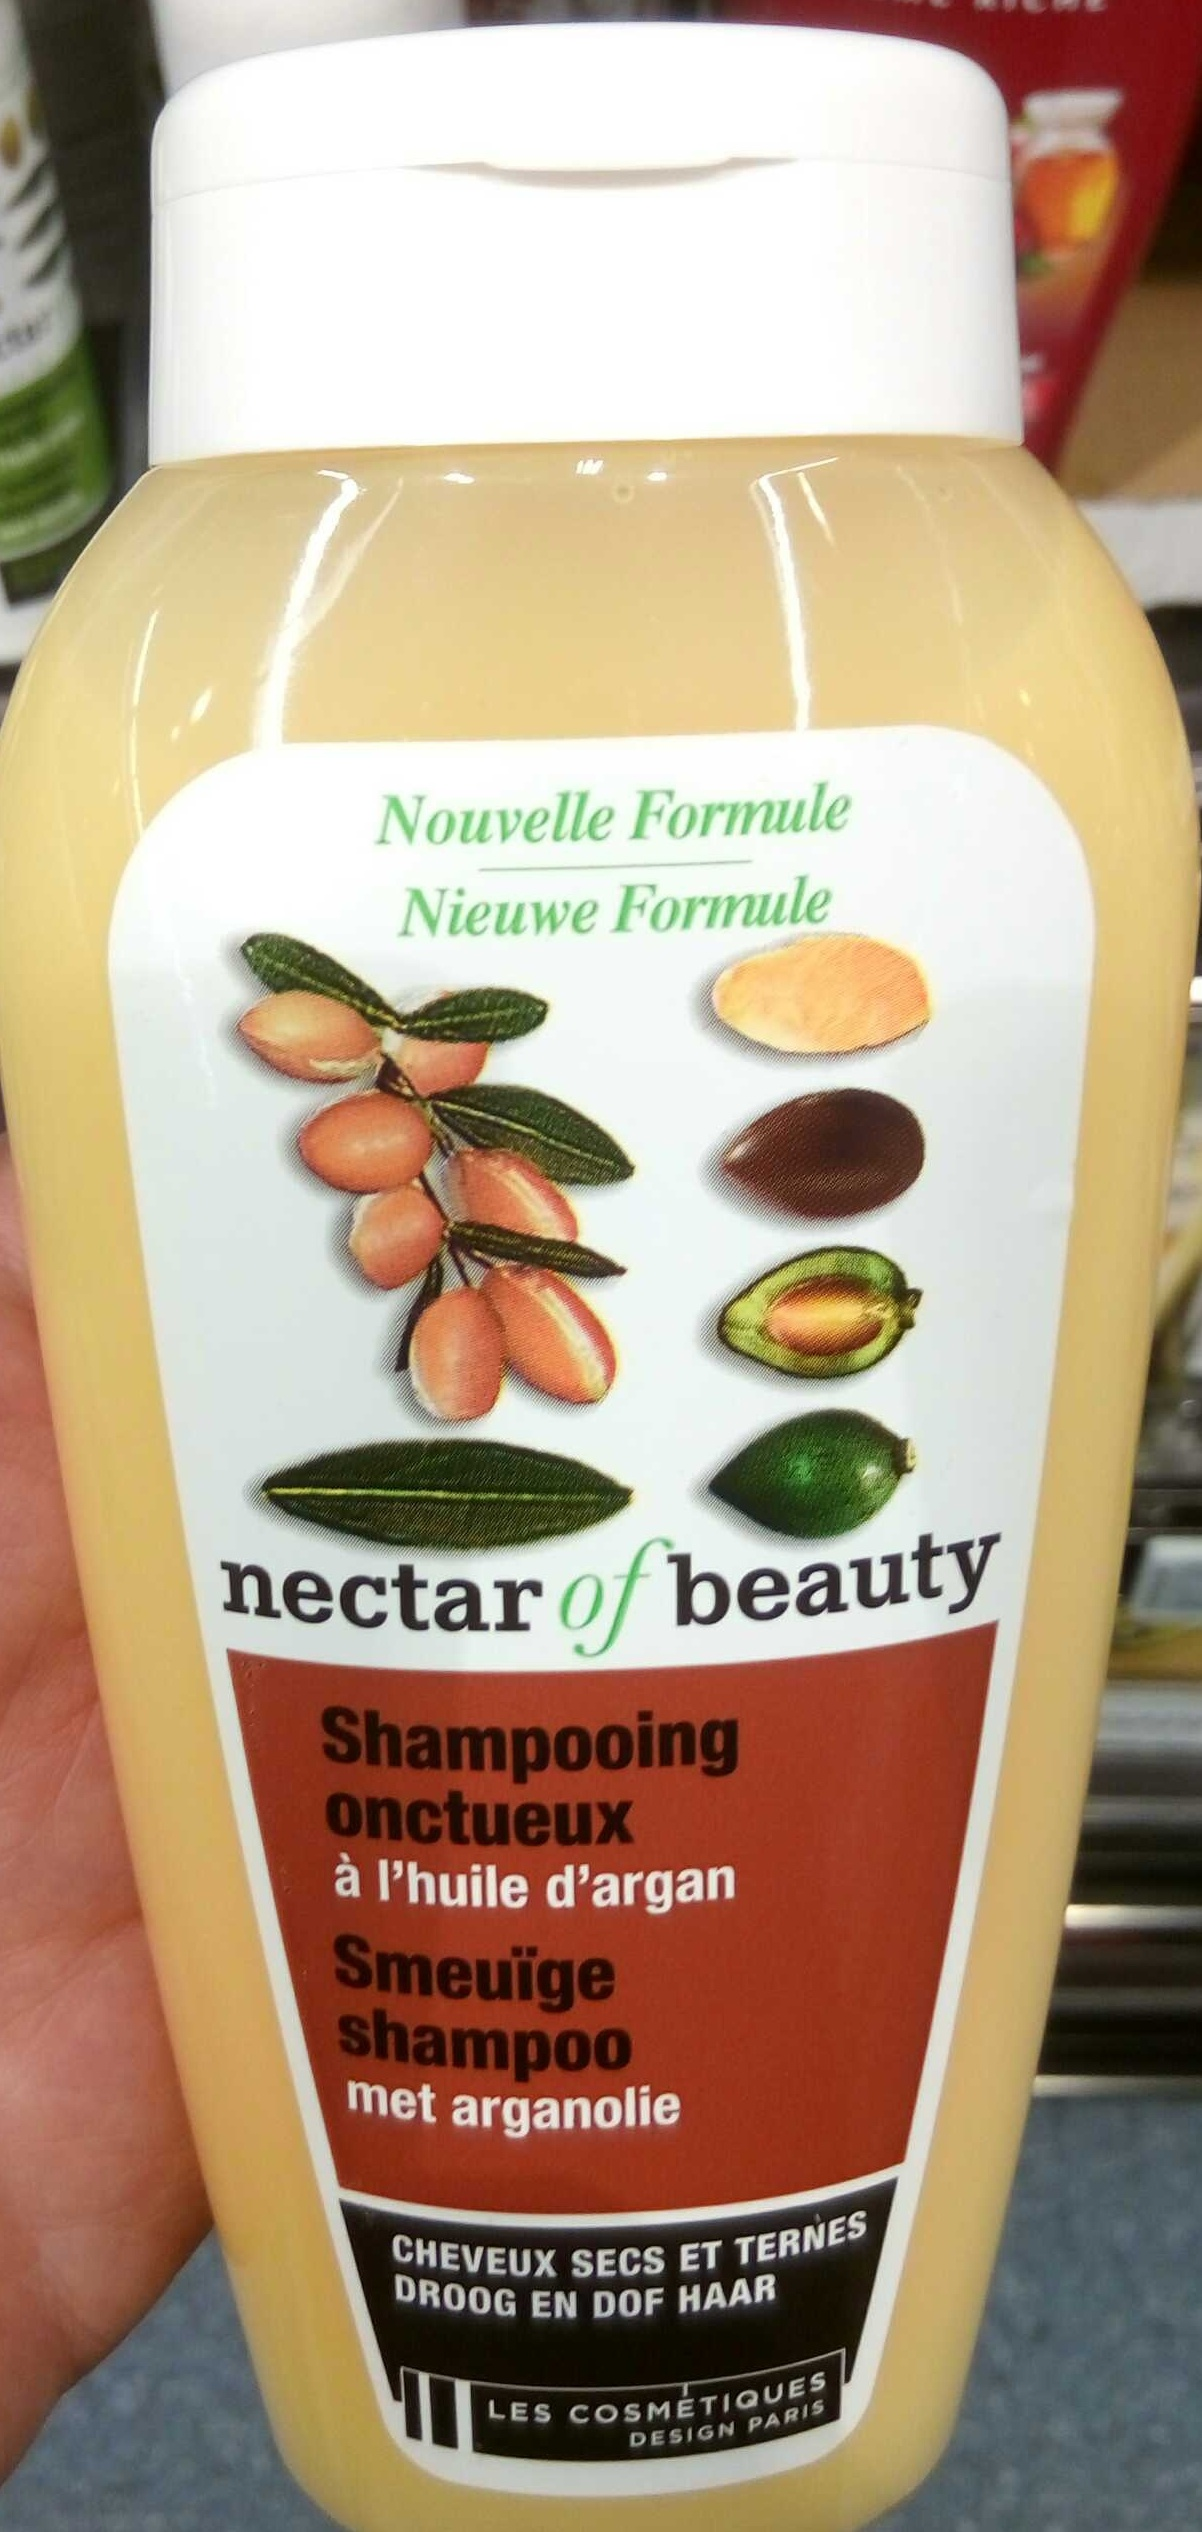 Shampooing onctueux à l'huile d'argan - Product - en